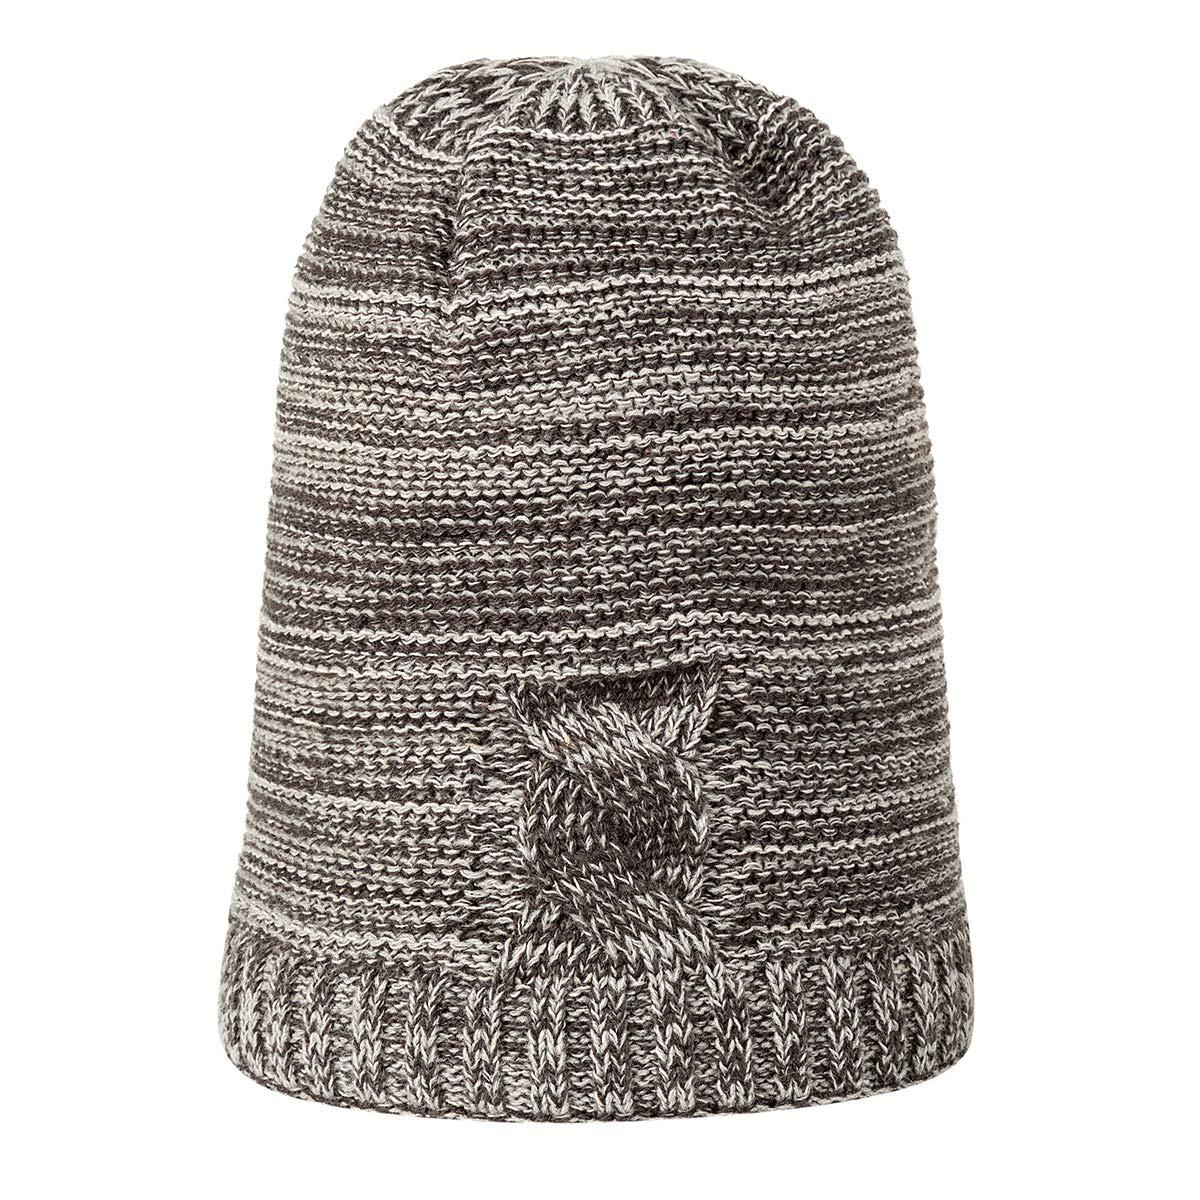 a24d2b1d358923 ... Grey KAISHIN New Mens Fine Knit Hat Winter Winter Winter Outdoor Cap  Fleece Lined Beanie Hat